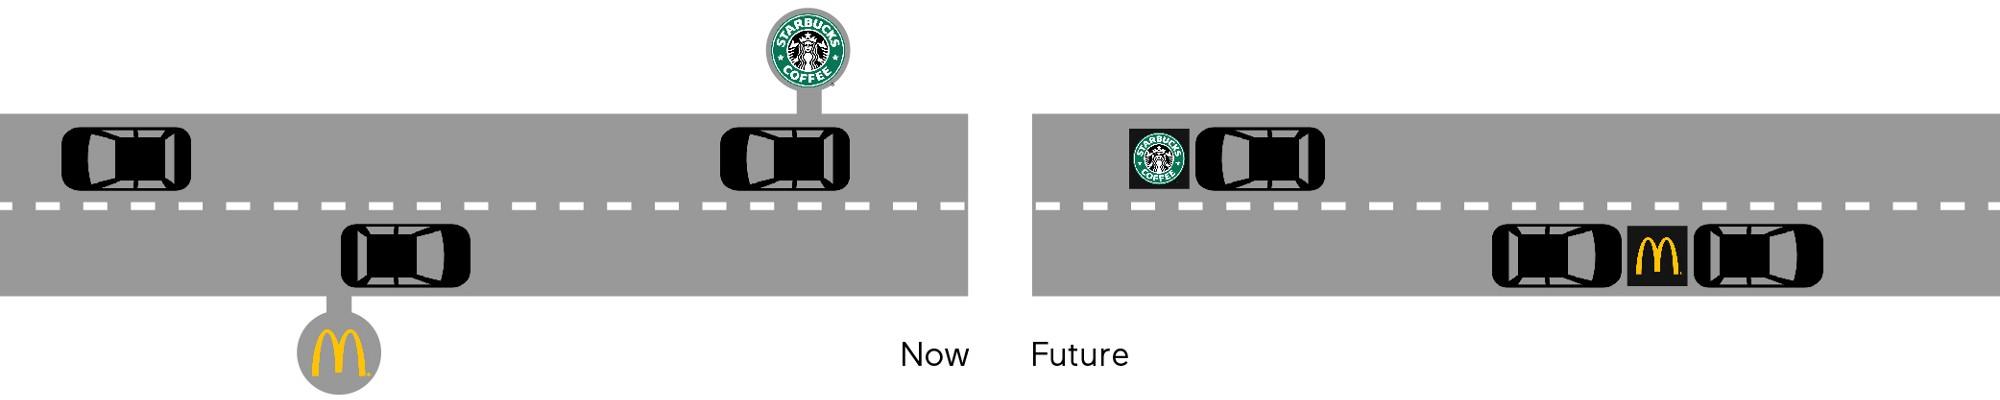 Poderia a infraestrutura nas margens de rodovias se tornar obsoleta com carros autônomos alimentícios?